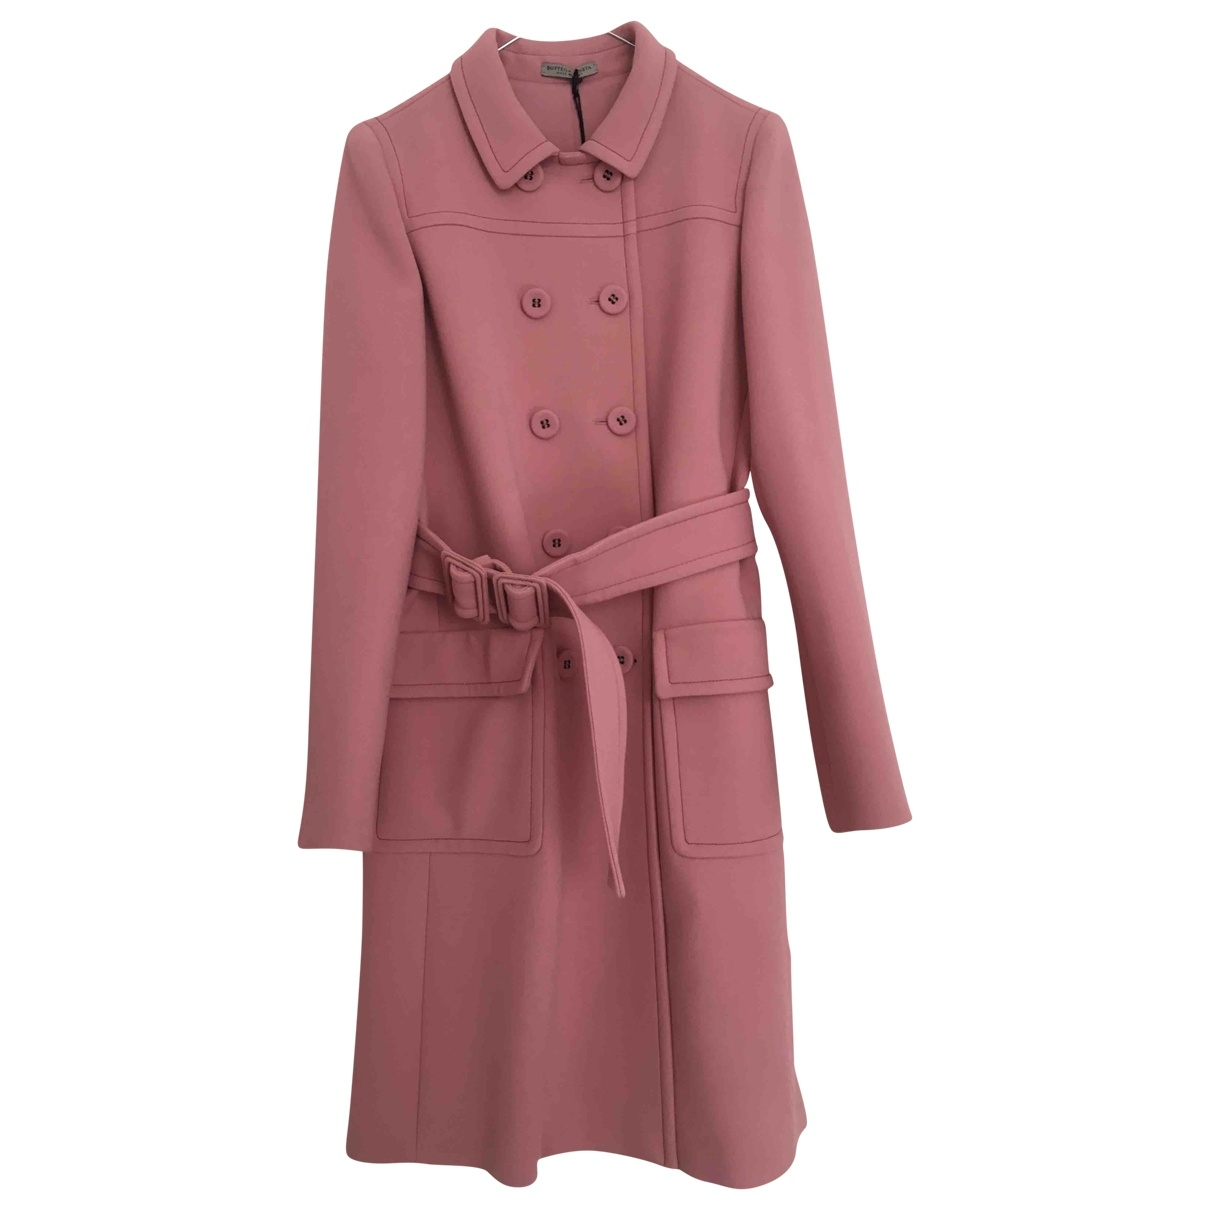 Bottega Veneta - Manteau   pour femme en laine - rose